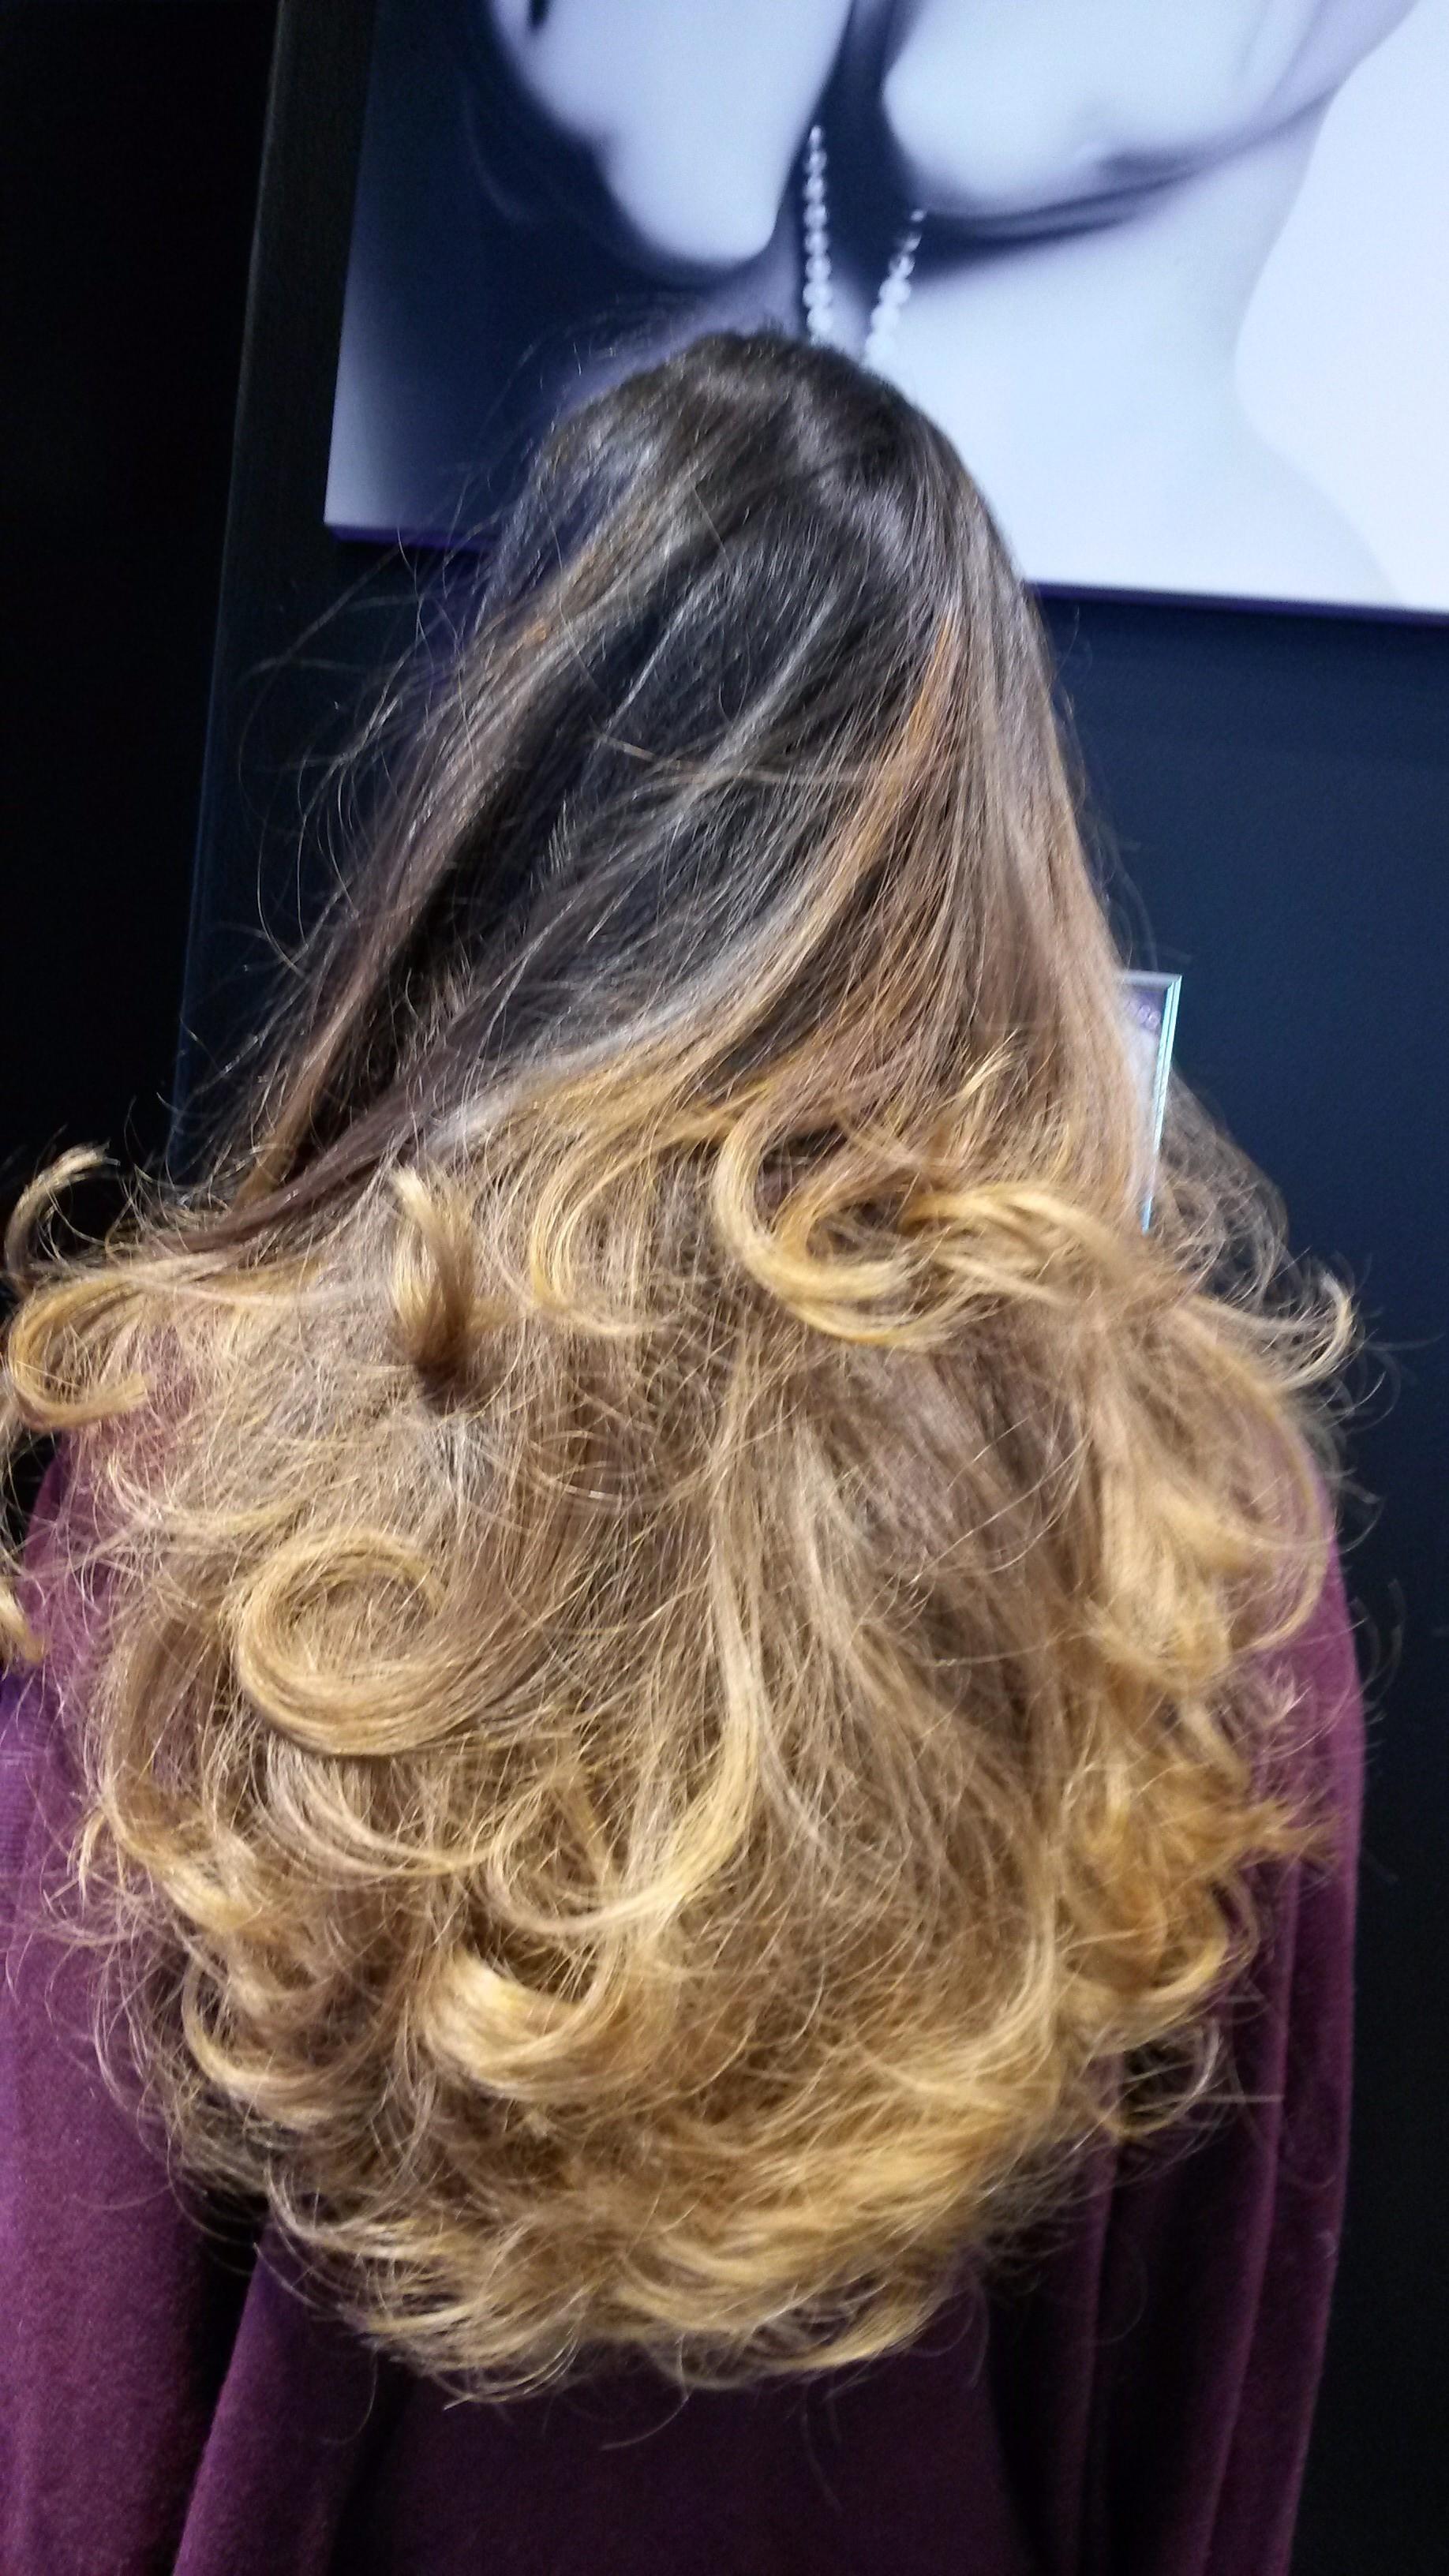 bien entendu il est hors de question dessayer de vous faire votre ombr hair la maison malgr les tous les tutoriels disponibles sur internet - Ombr Hair Maison Sur Cheveux Colors